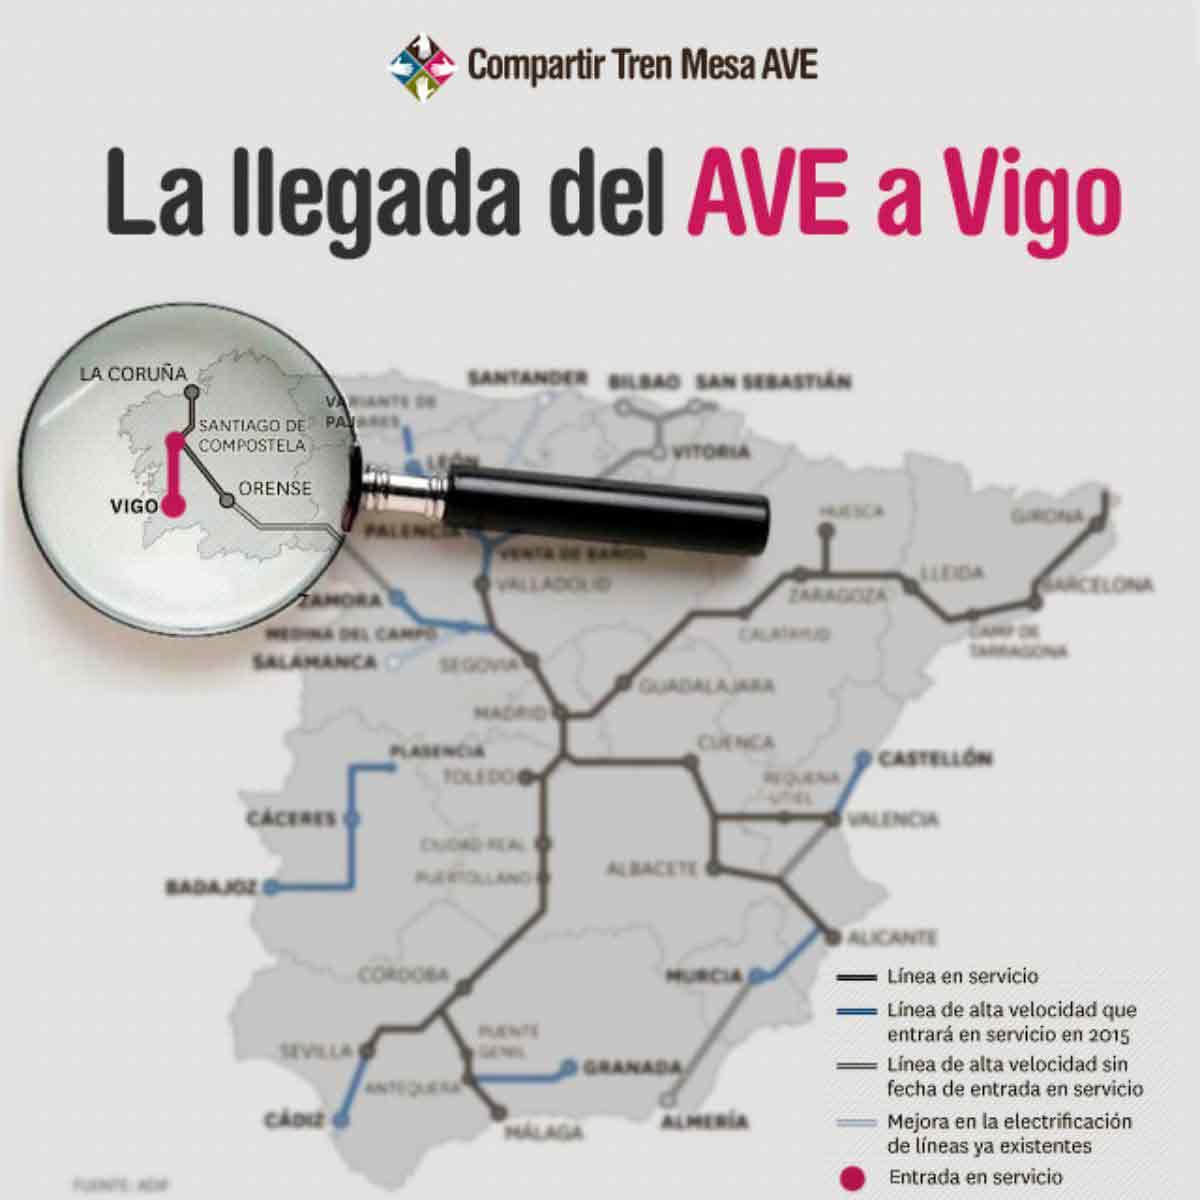 La llegada del AVE a Vigo en la estación de Urzáiz, a punto